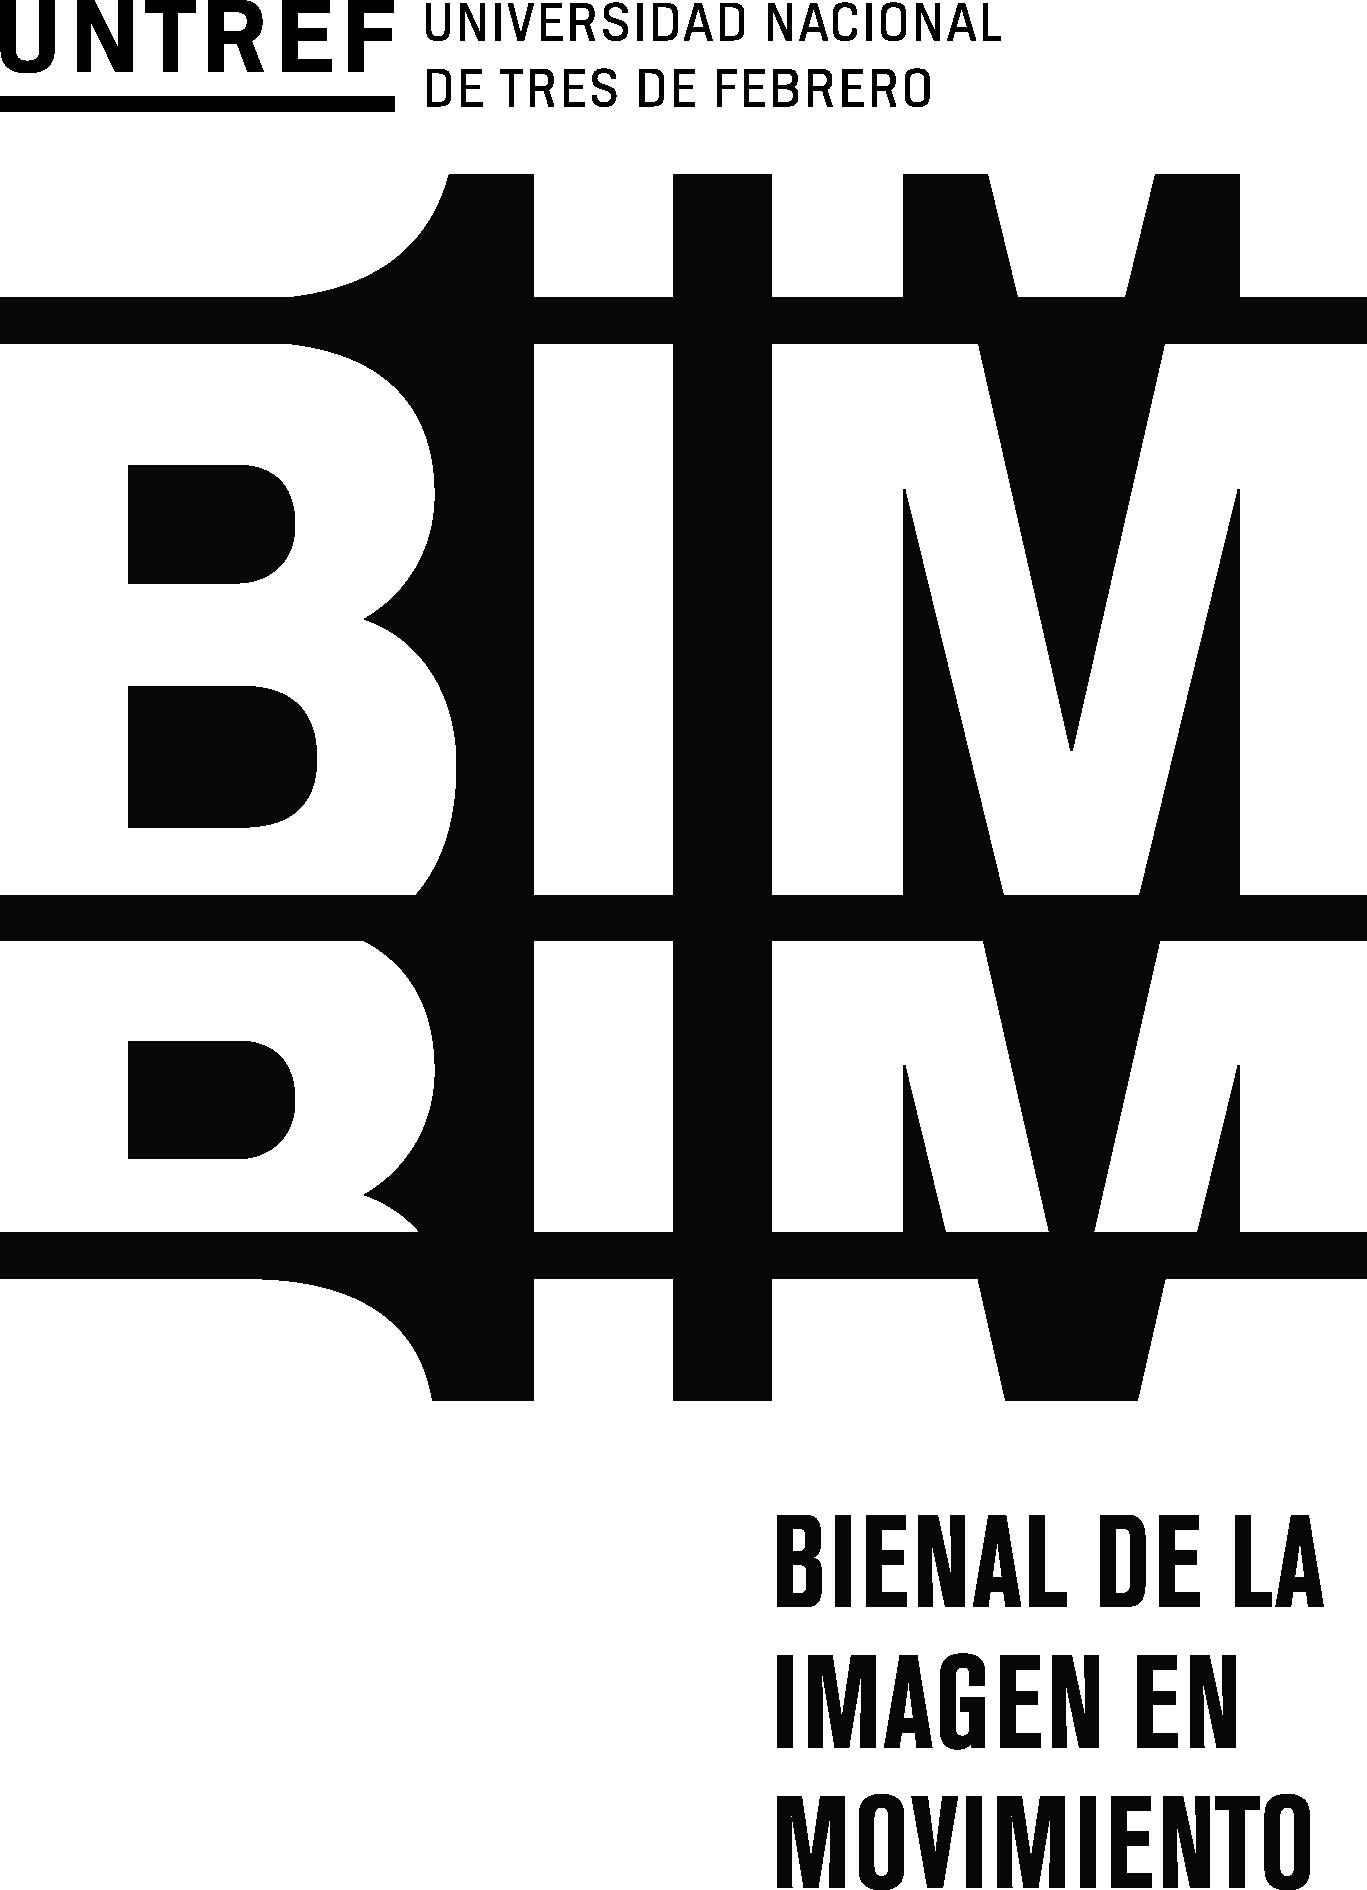 BIM-UNTREF